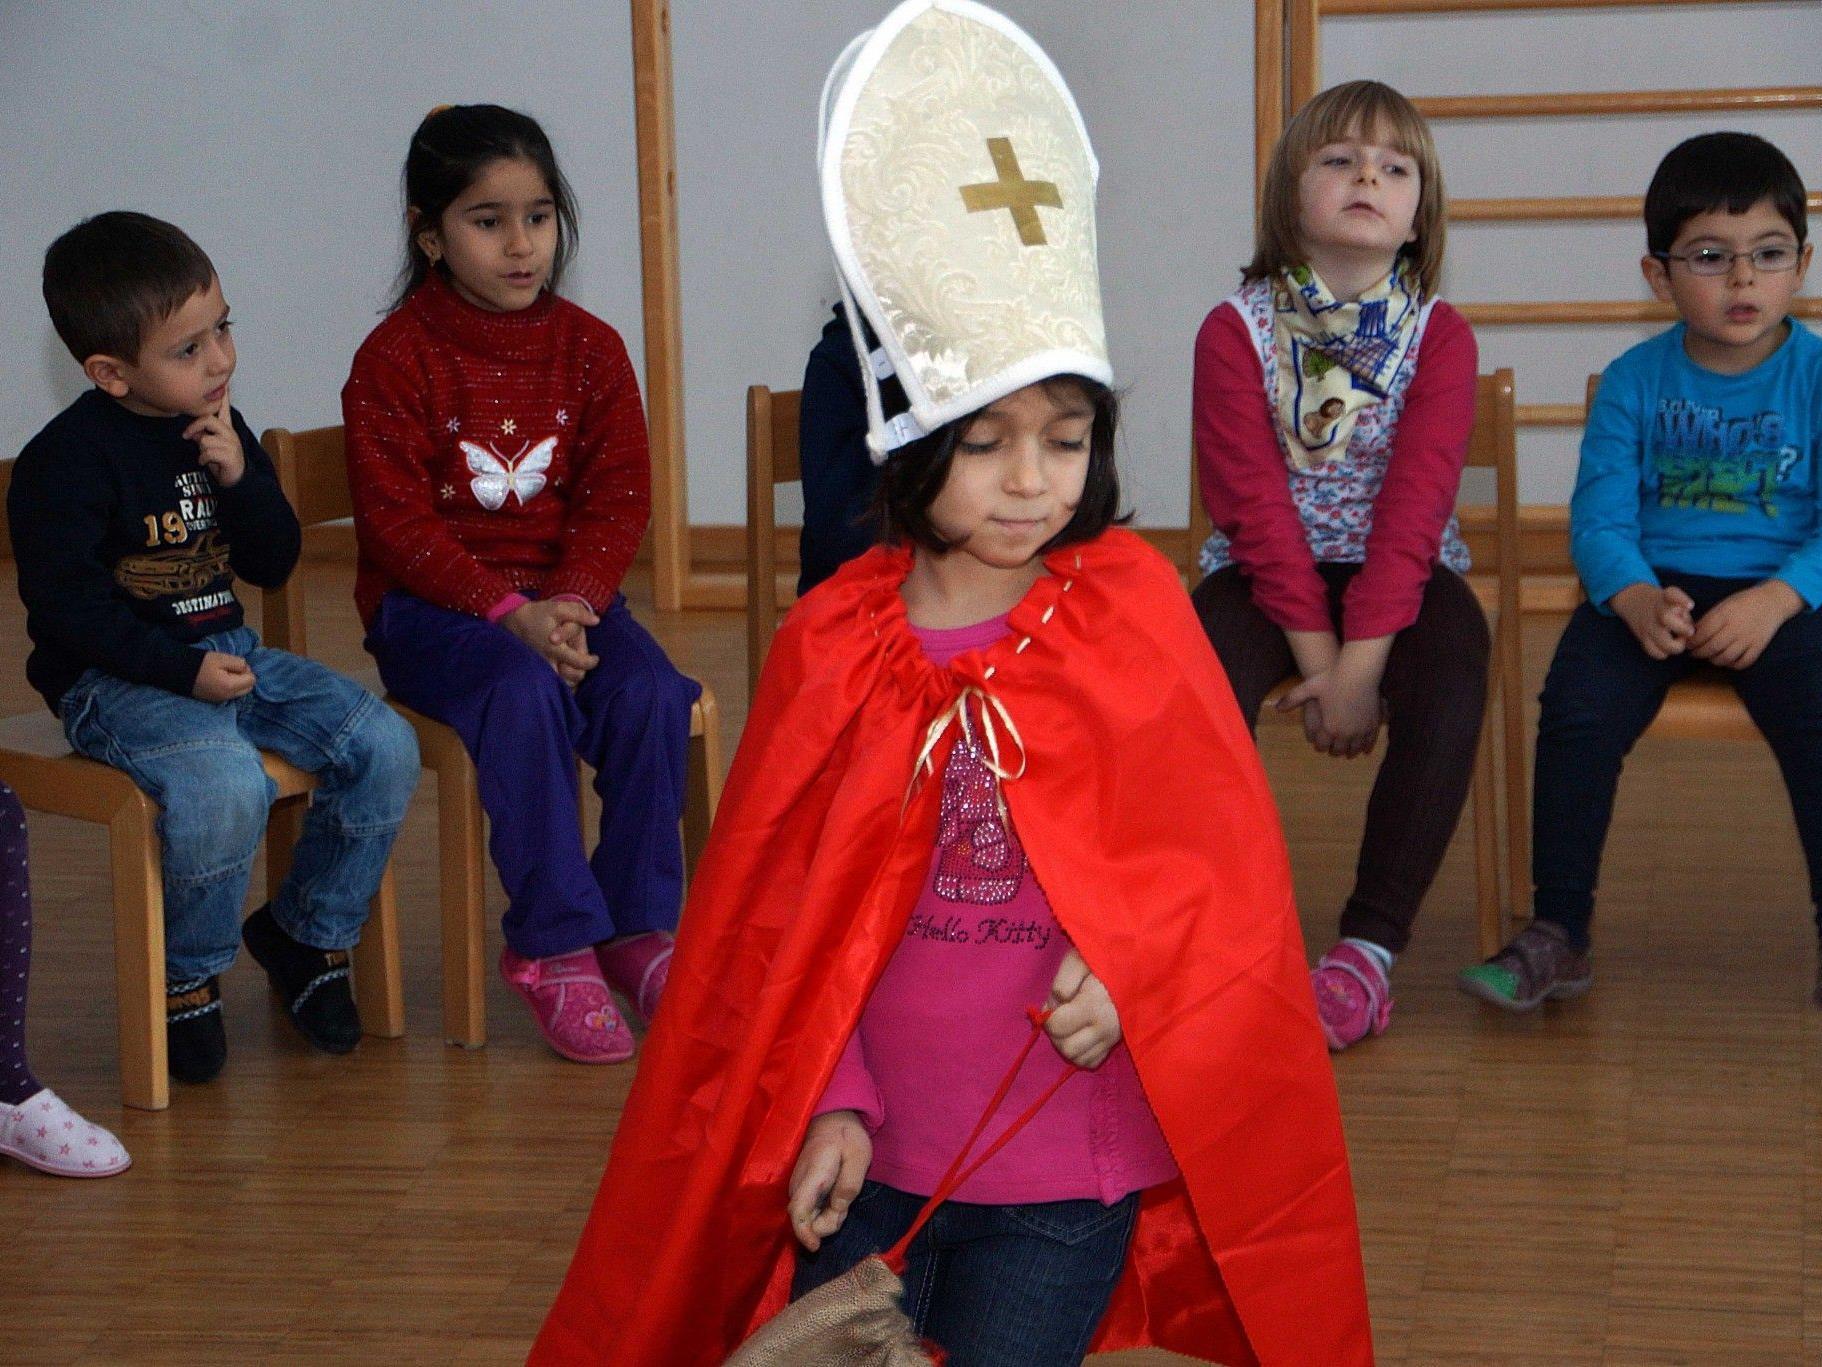 Die Legende vom St. Nikolaus wurde von den Kindern nachgespielt.